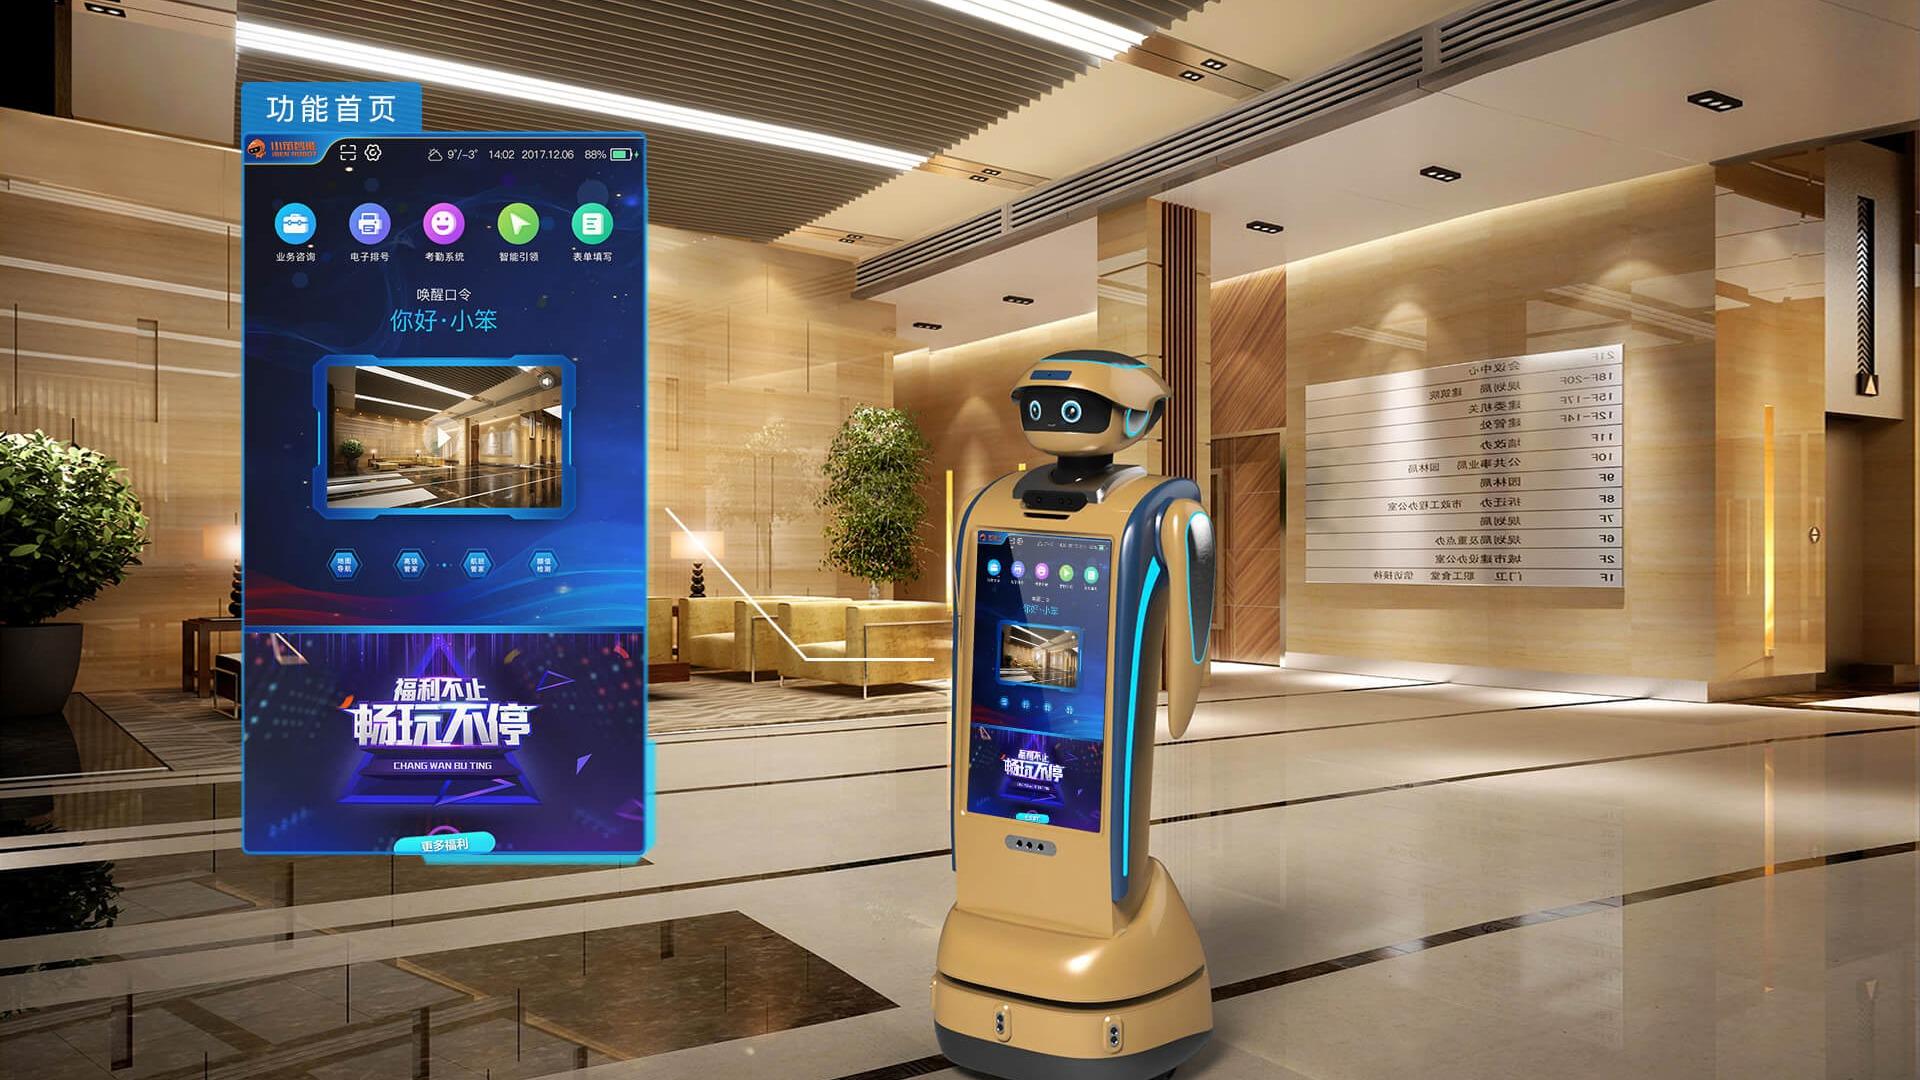 <em>服务机器人市场</em>发展:如今百家争鸣,未来值得期待